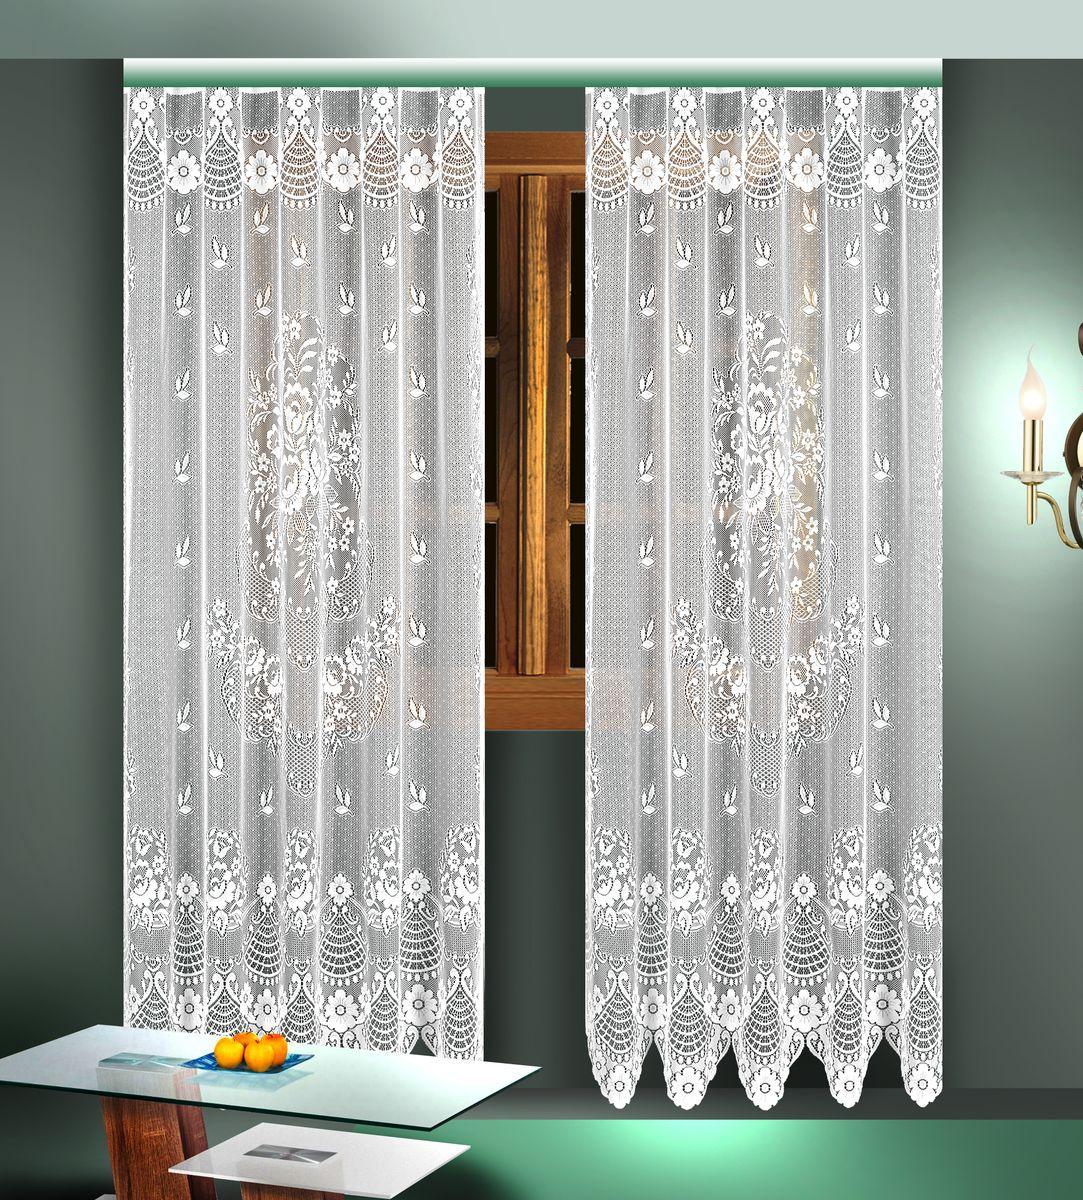 Комплект гардин Zlata Korunka, цвет: белый, высота 245 см. 8882465000Воздушные гардины Zlata Korunka, изготовленные из полиэстера белого цвета, станутвеликолепным украшением любого окна. Гардины выполнены из сетчатого материала идекорированы цветочным рисунком.Тонкое плетение и оригинальный дизайн привлекут к себе внимание и органично впишутся винтерьер. Верхняя часть гардин не оснащена креплениями.В комплект входит:Гардина - 2 шт. Размер (Ш х В): 165 см х 245 см.